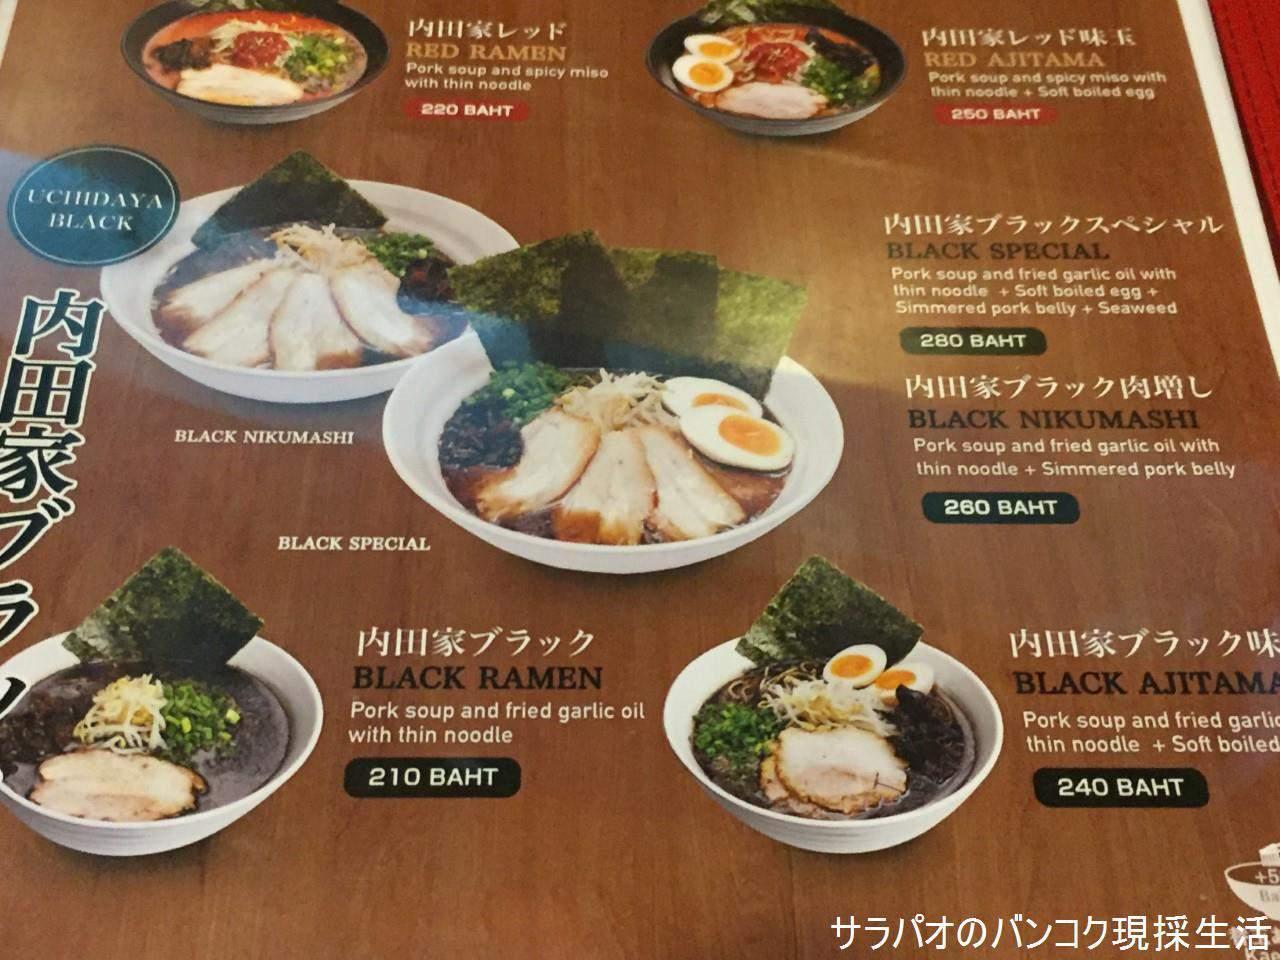 UchidayaRamen_03.jpg